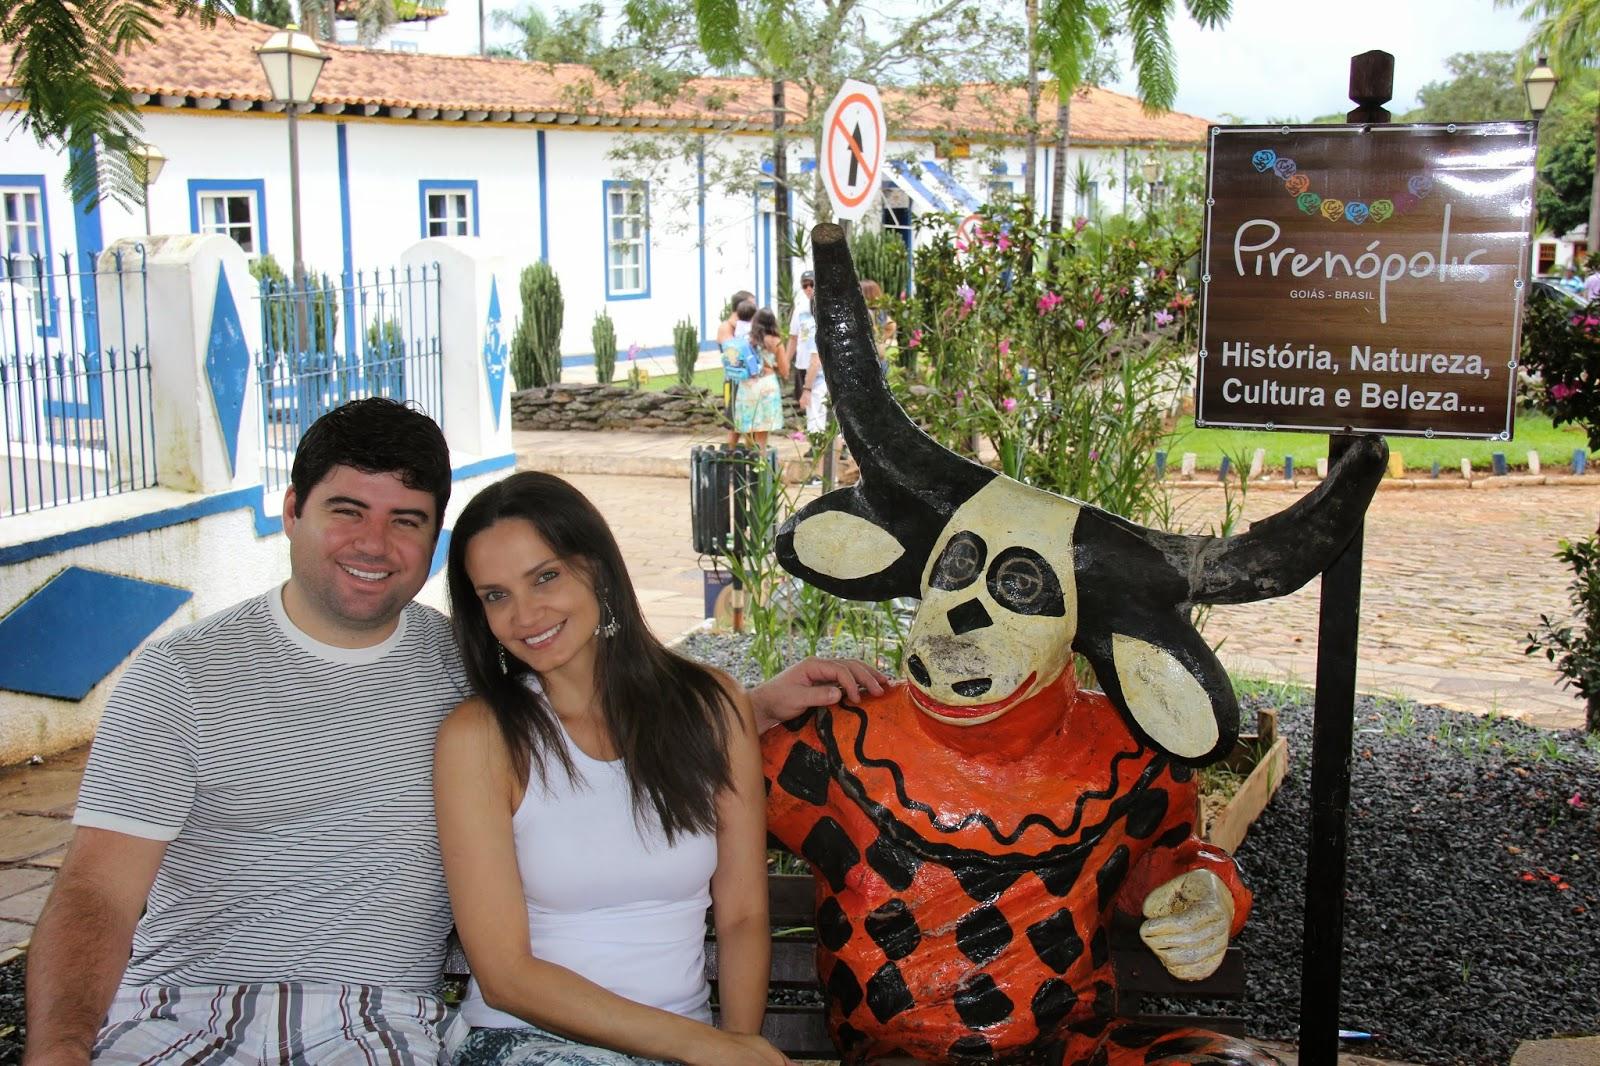 Pirenópolis a cidade mais charmosa de Goiás